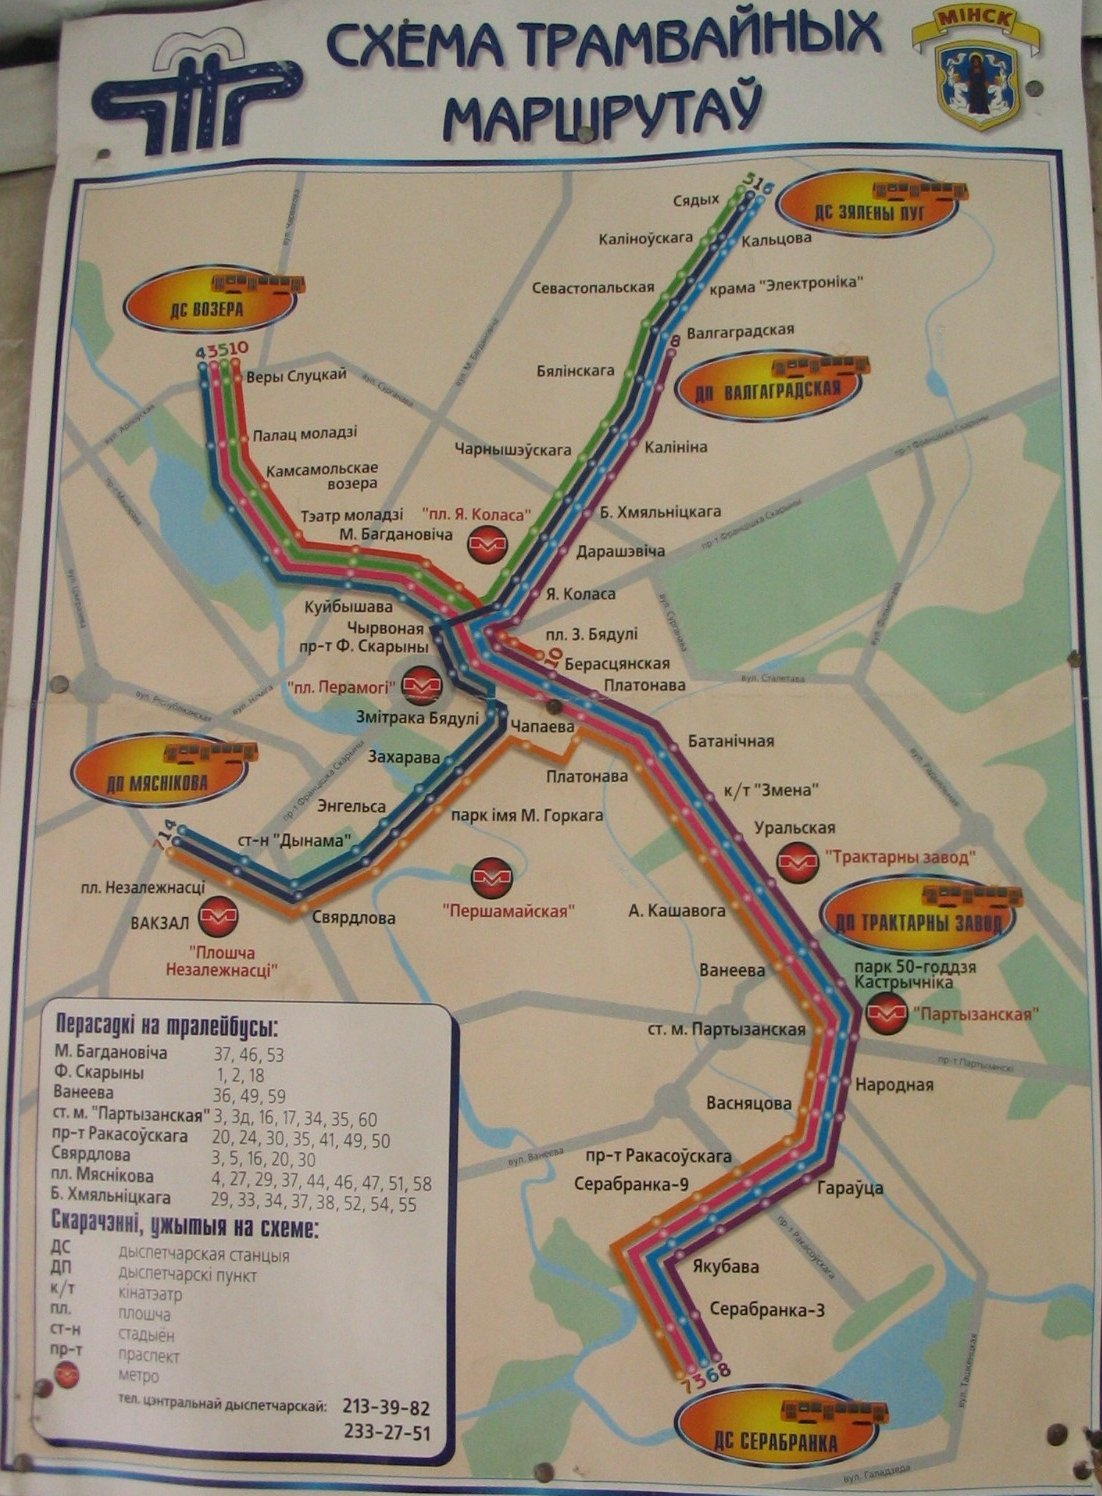 Схема автобусных маршрутов минска с остановками6